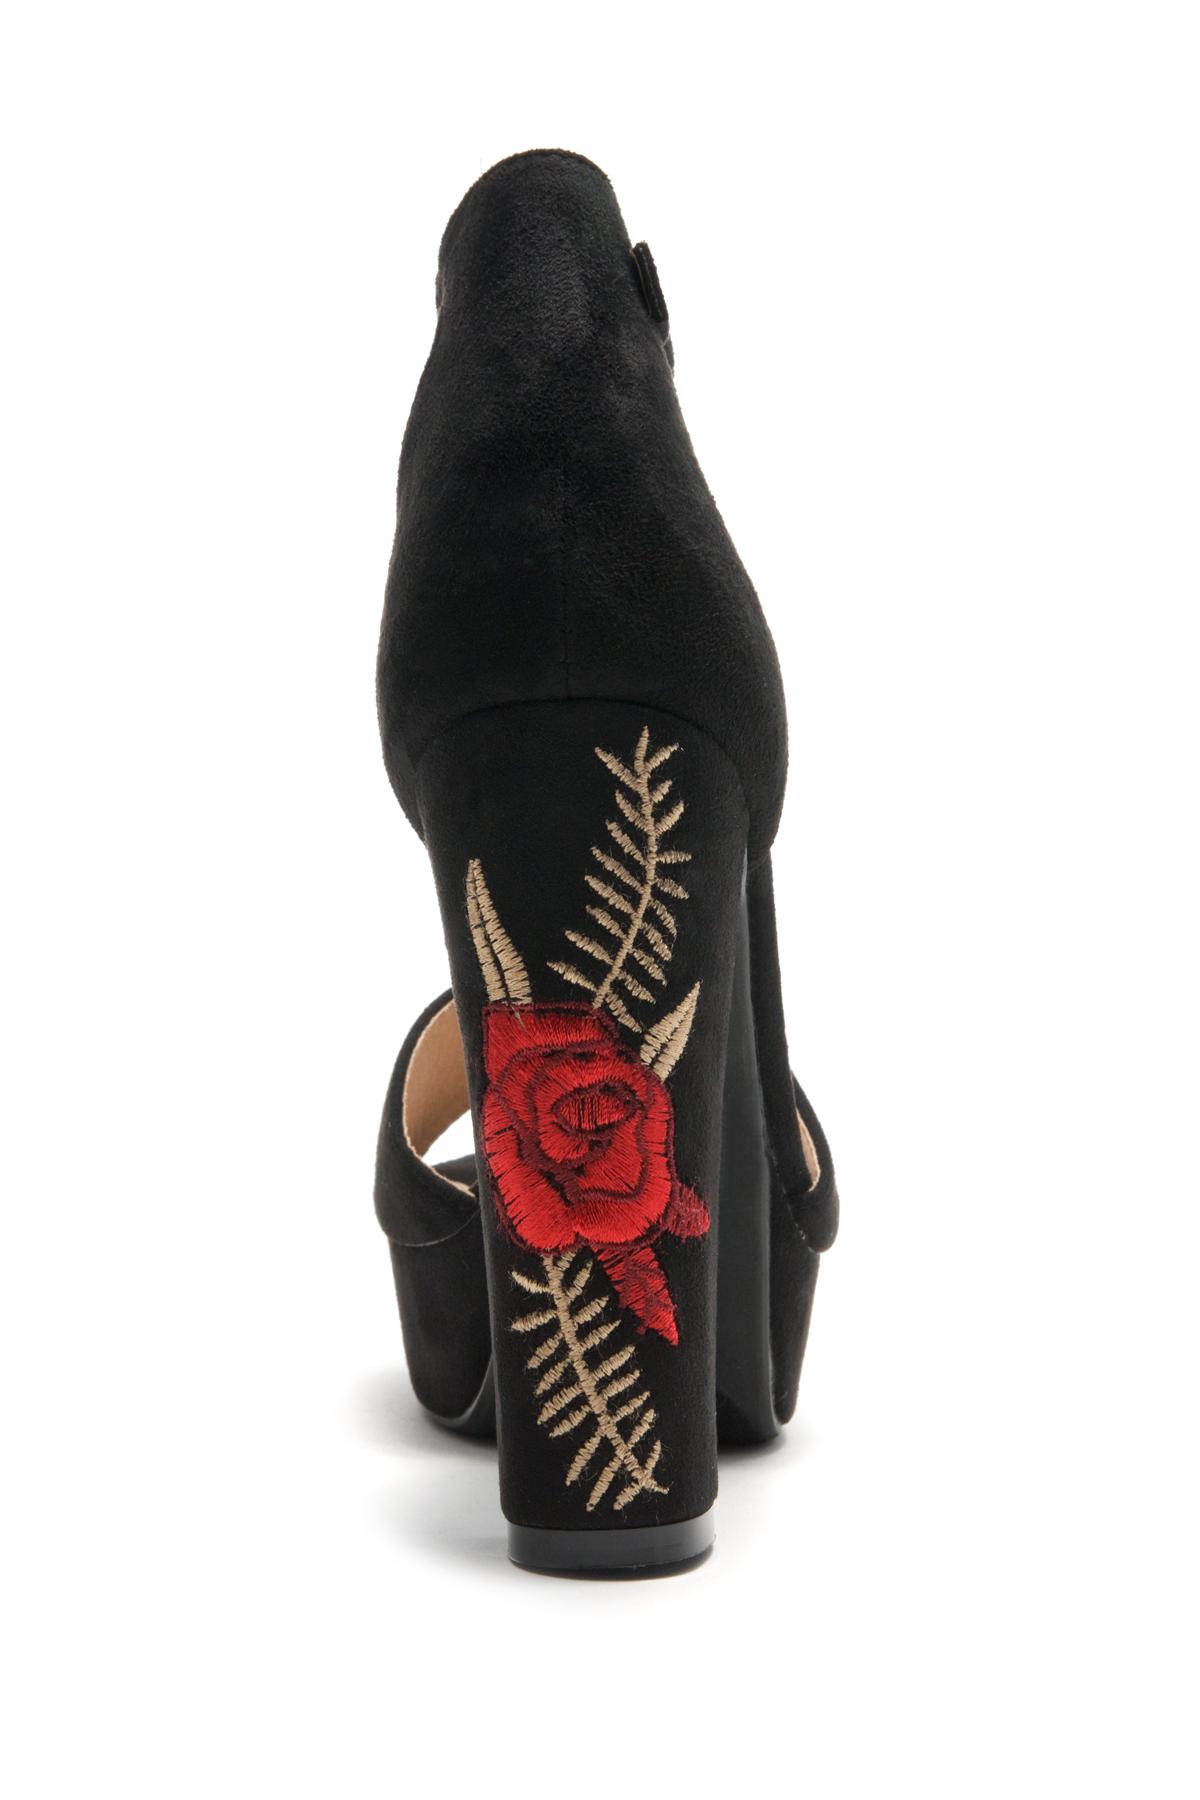 73a1d5030202d ... HerStyle Ellisse faux suede Floral Embroidered Platform Heel (Black) ...